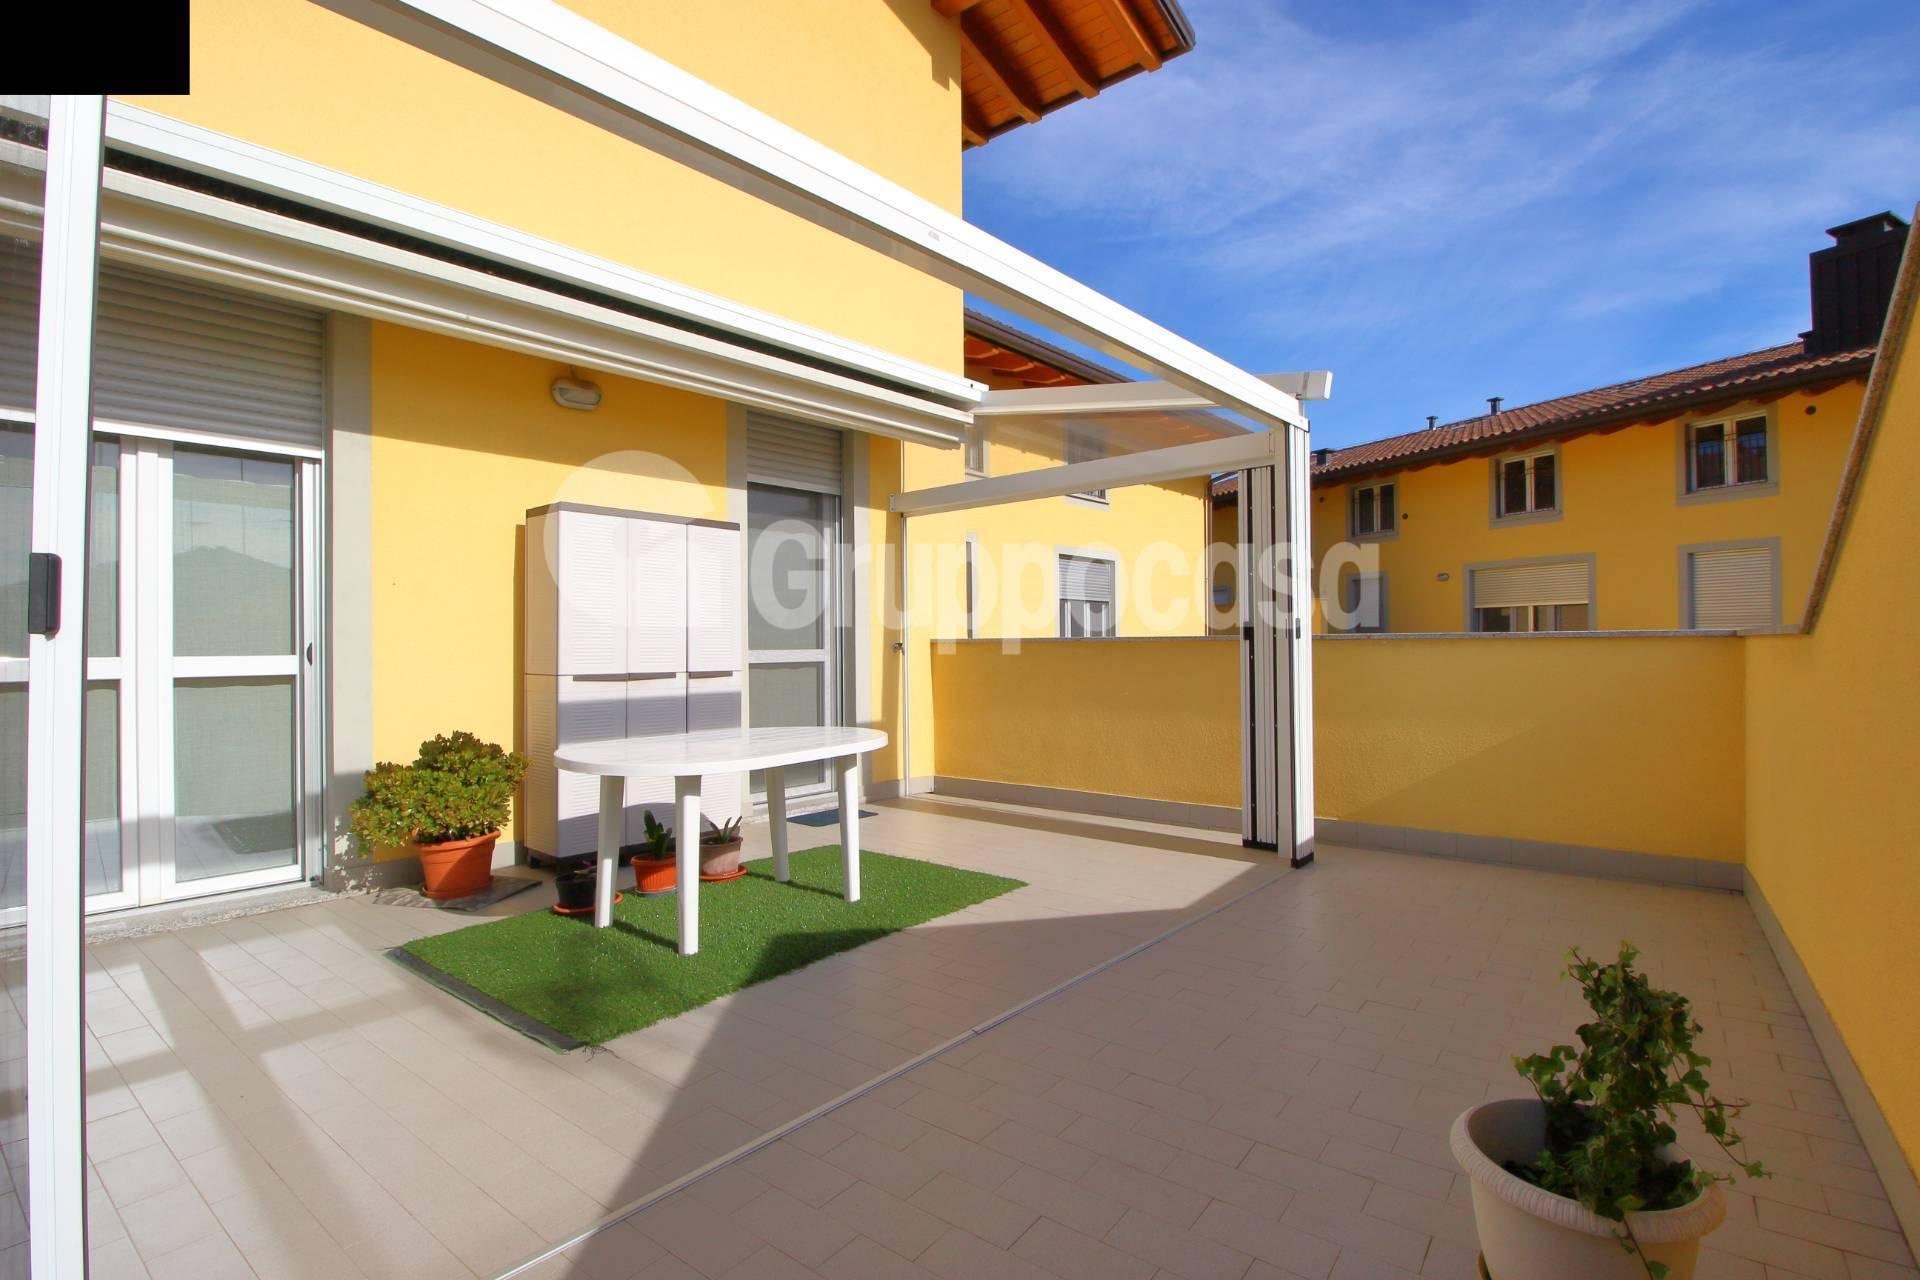 Attico / Mansarda in vendita a Inveruno, 5 locali, prezzo € 270.000 | PortaleAgenzieImmobiliari.it